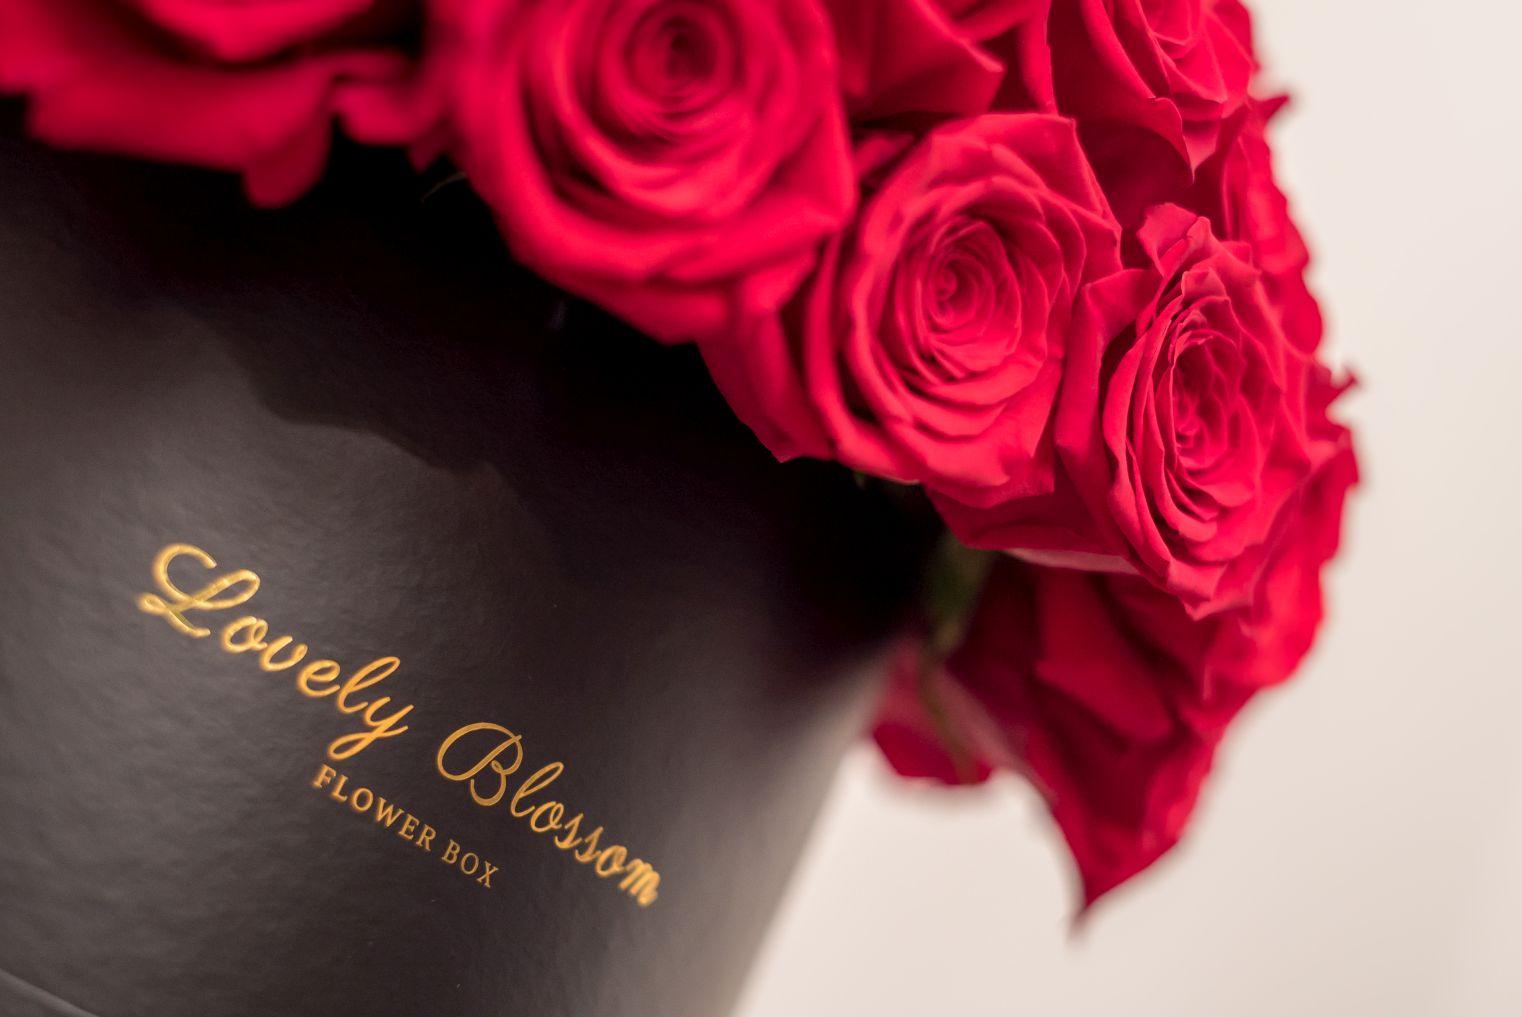 Crvene ruže u crnoj okrugloj kutiji